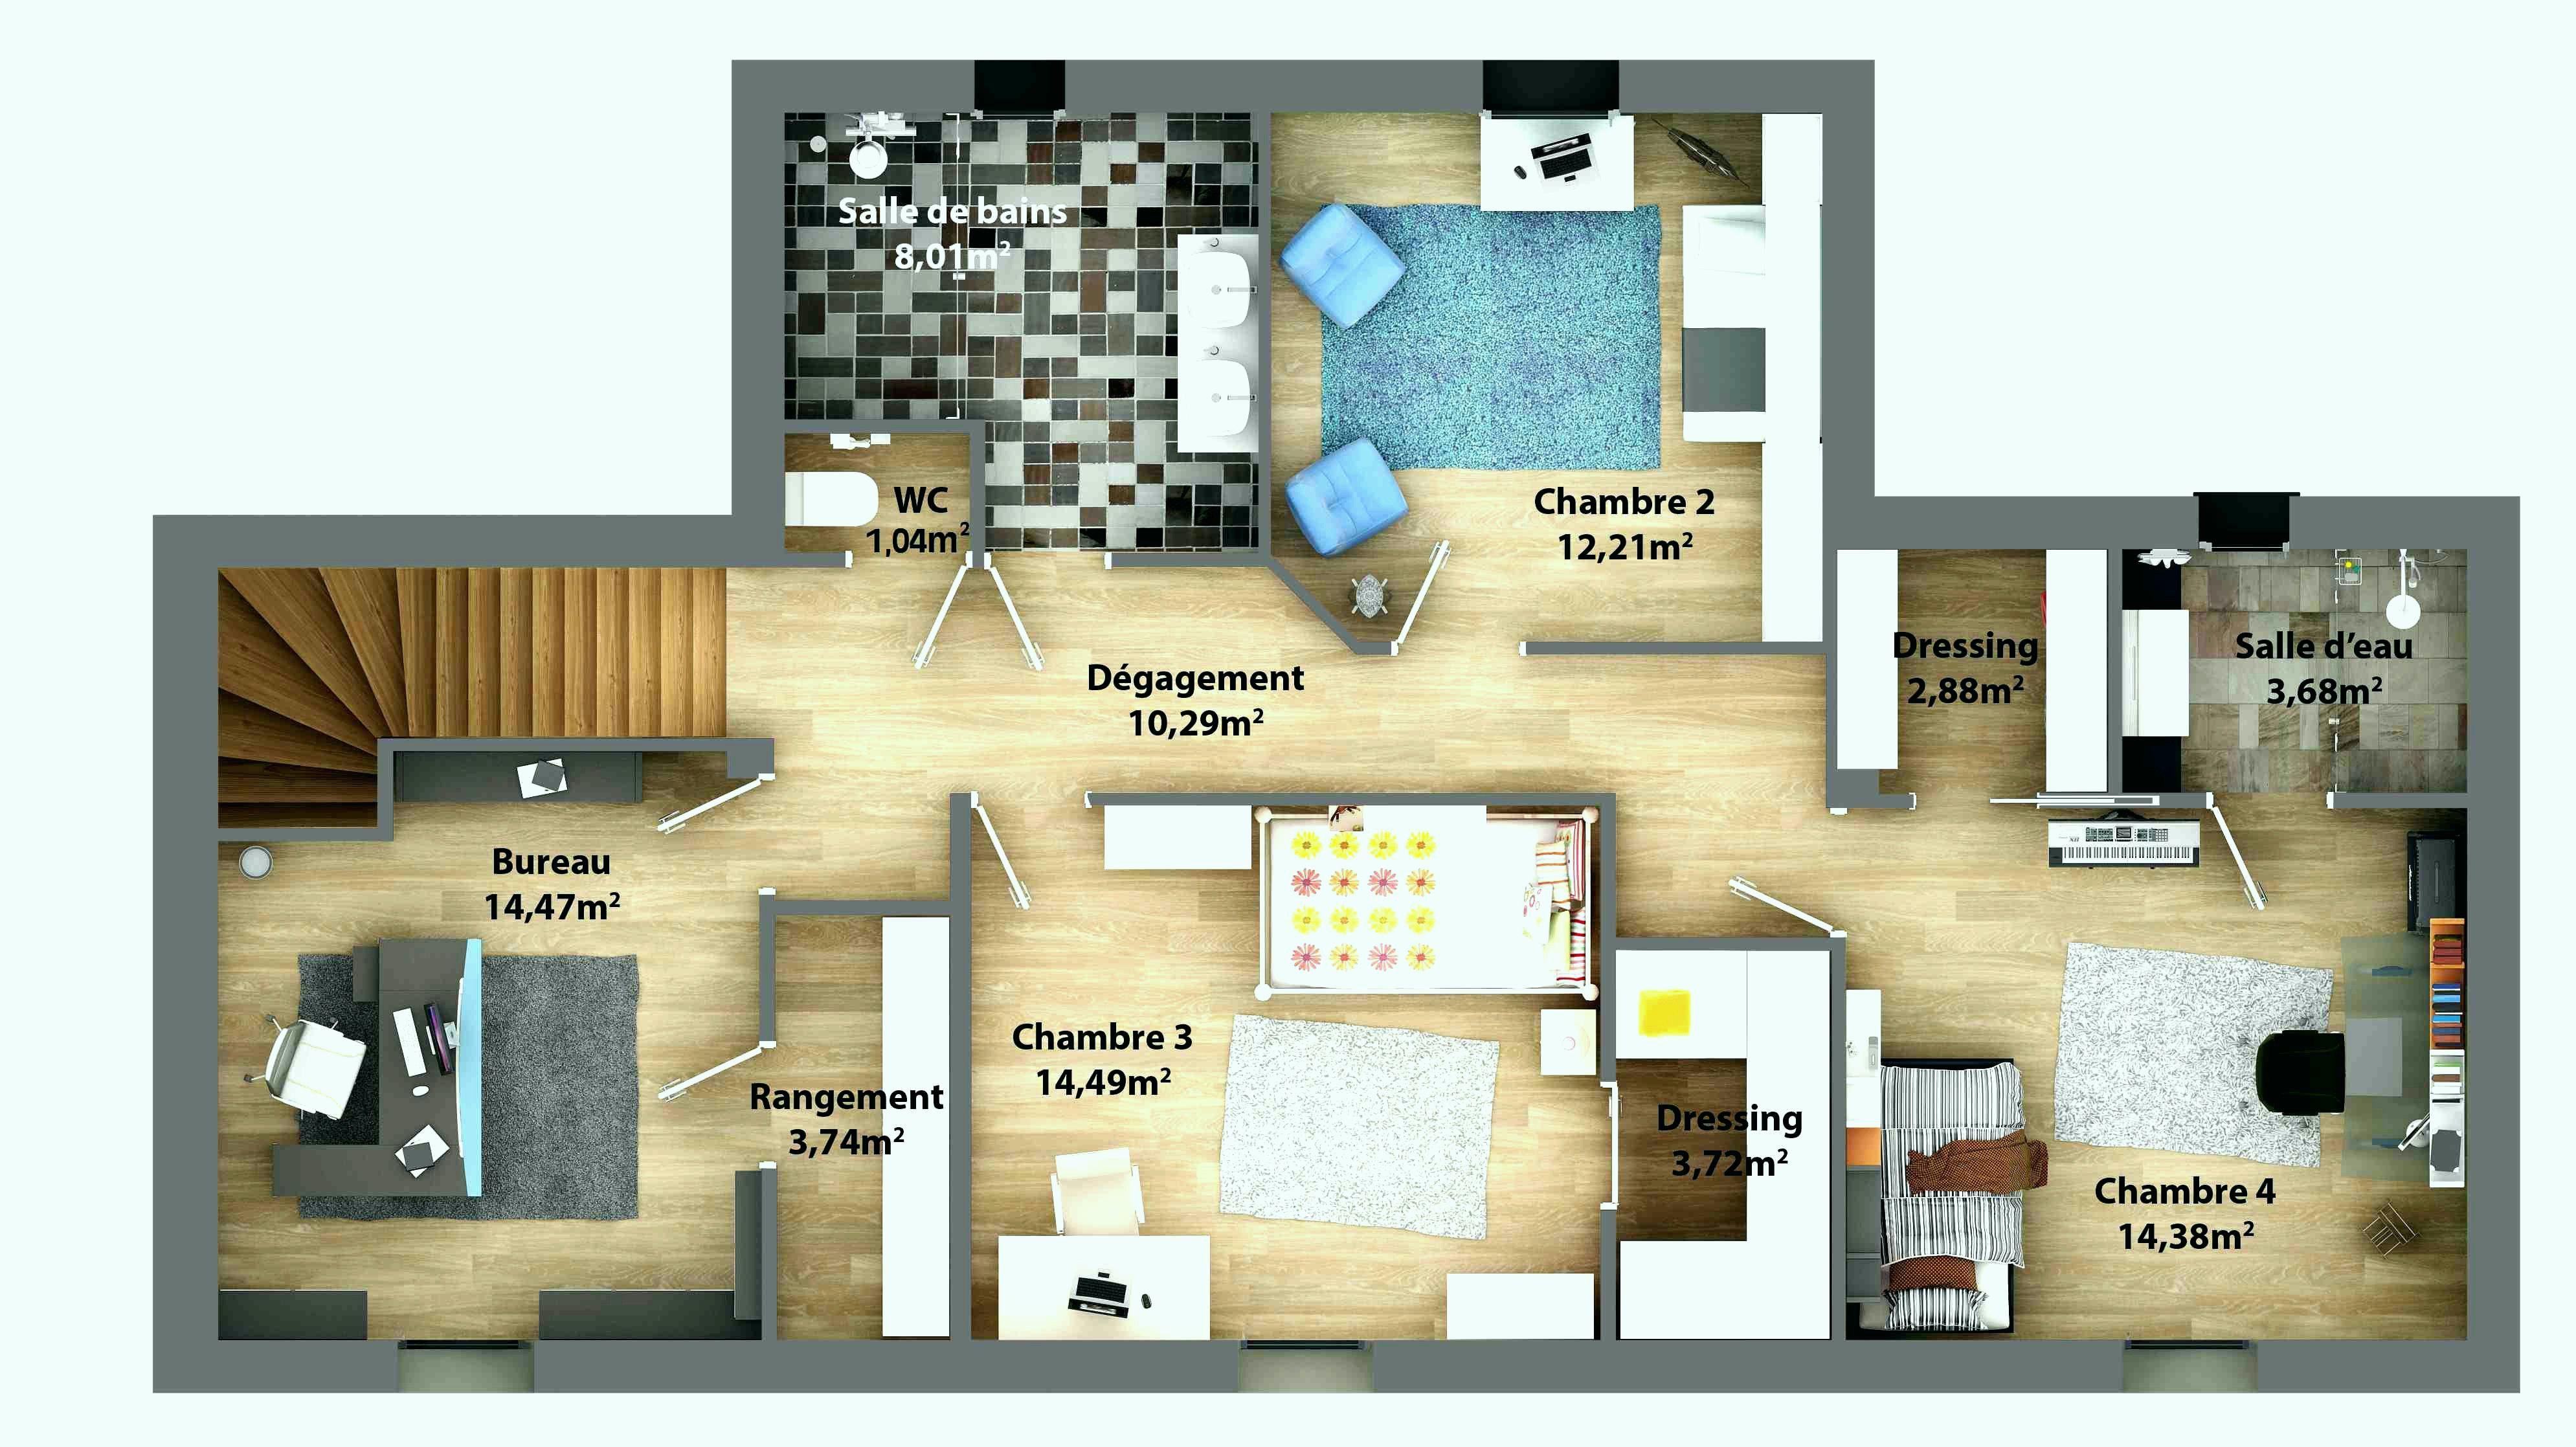 Awesome Logiciel Architecture 3d Gratuit En Ligne Idées De